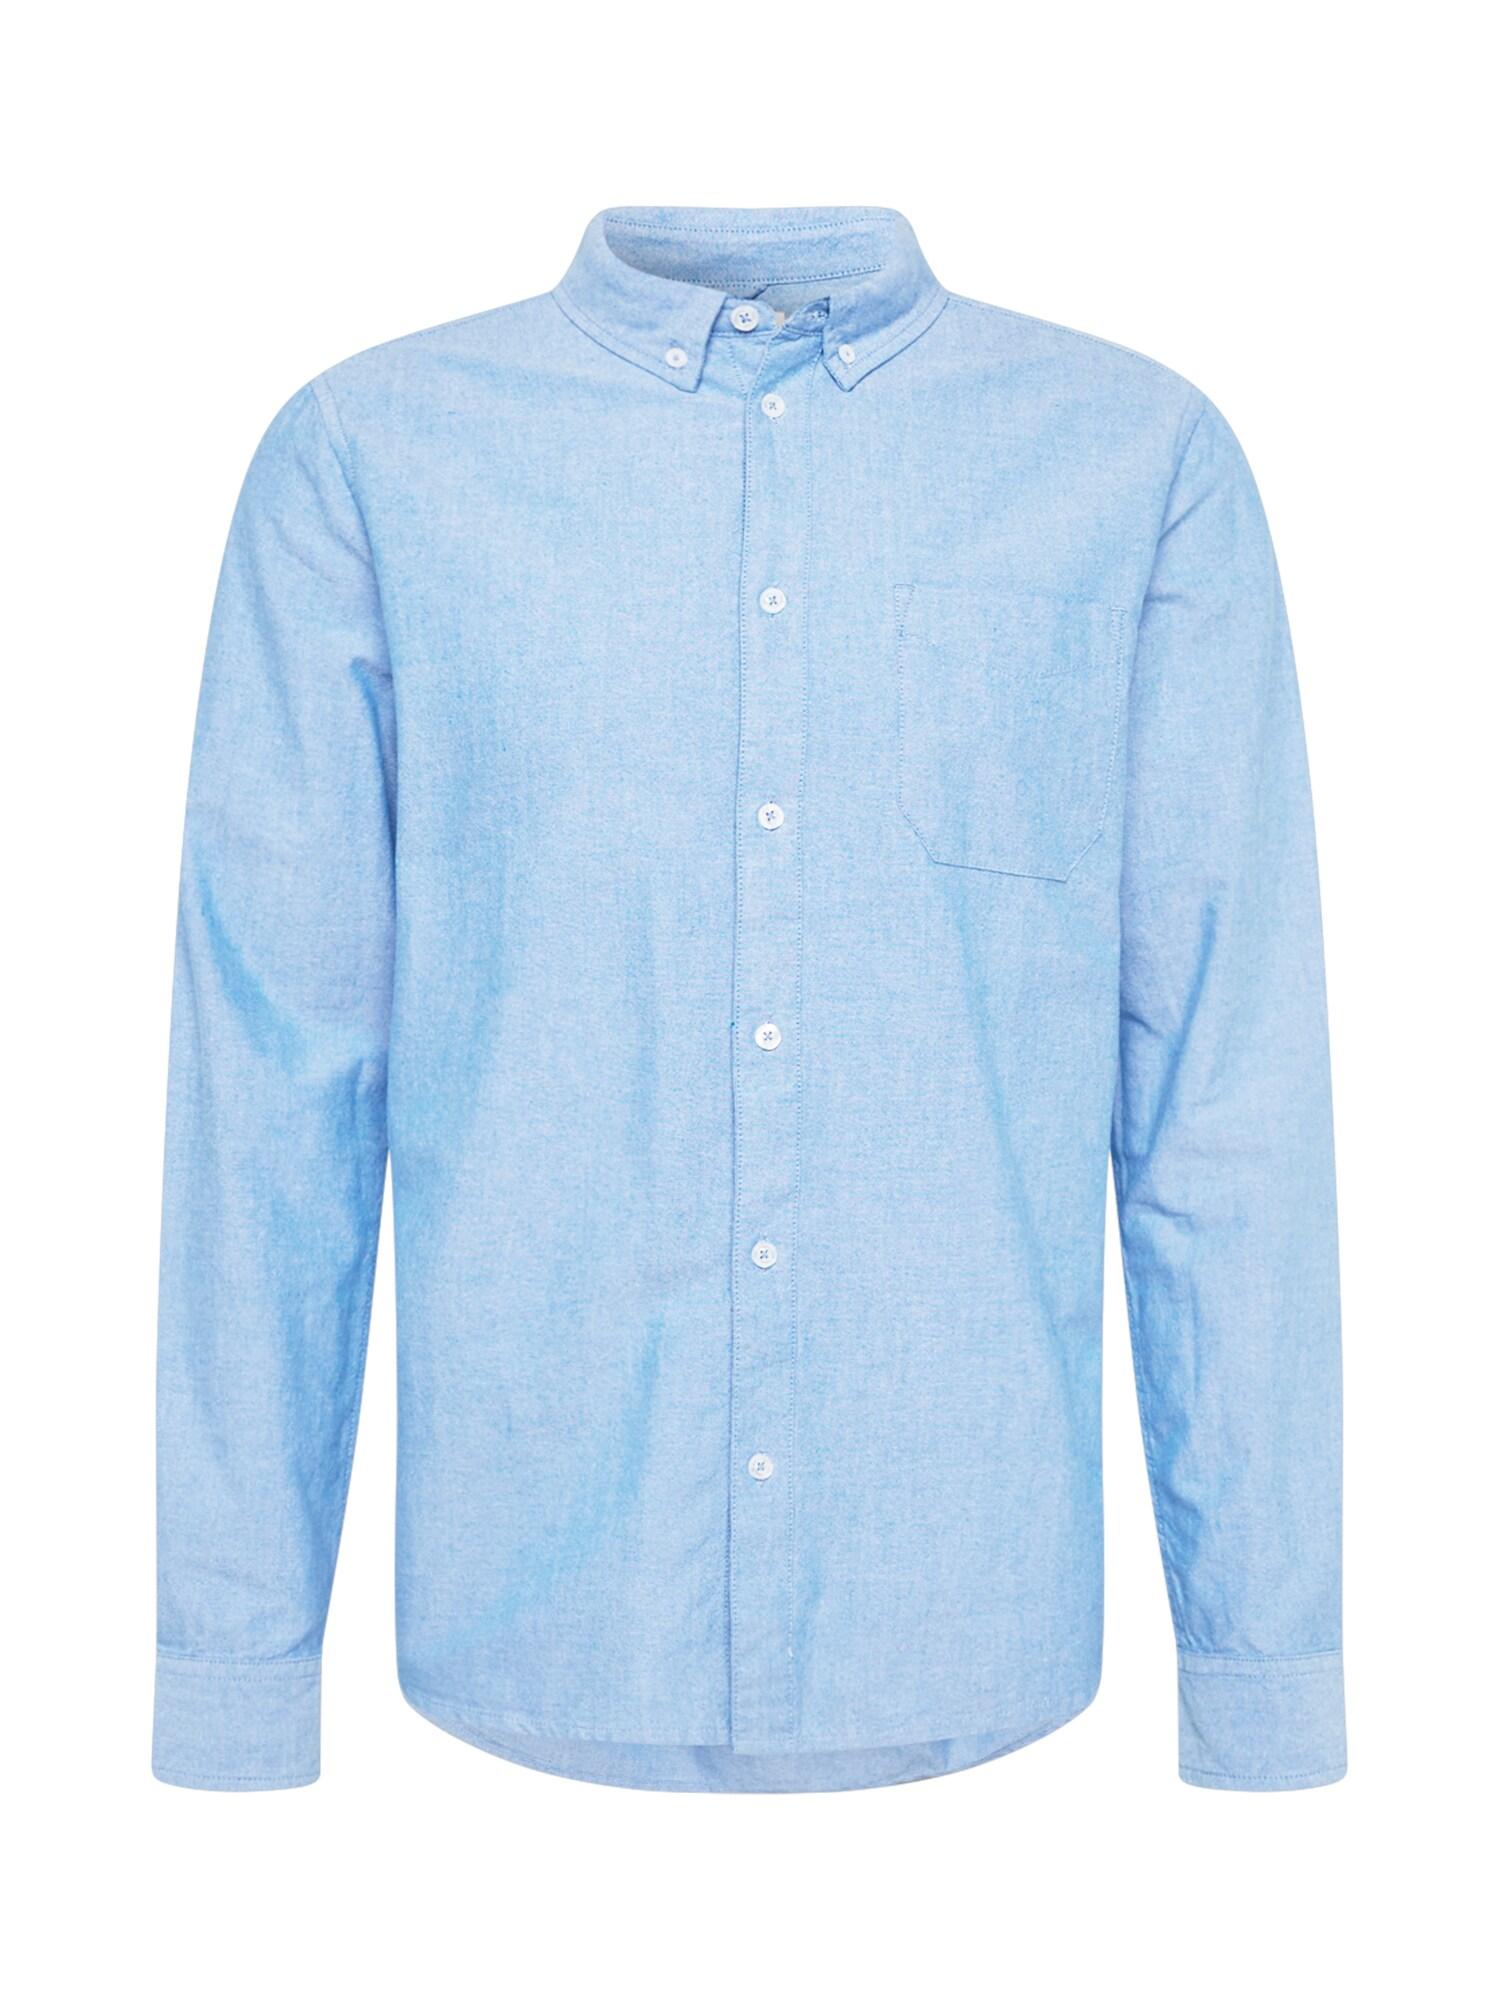 DEDICATED. Marškiniai